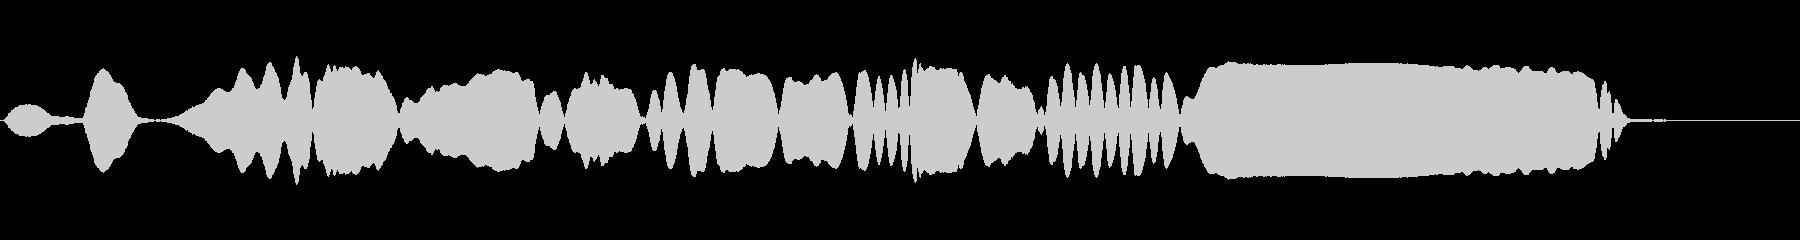 THEREMIN:ウェーブアクセン...の未再生の波形